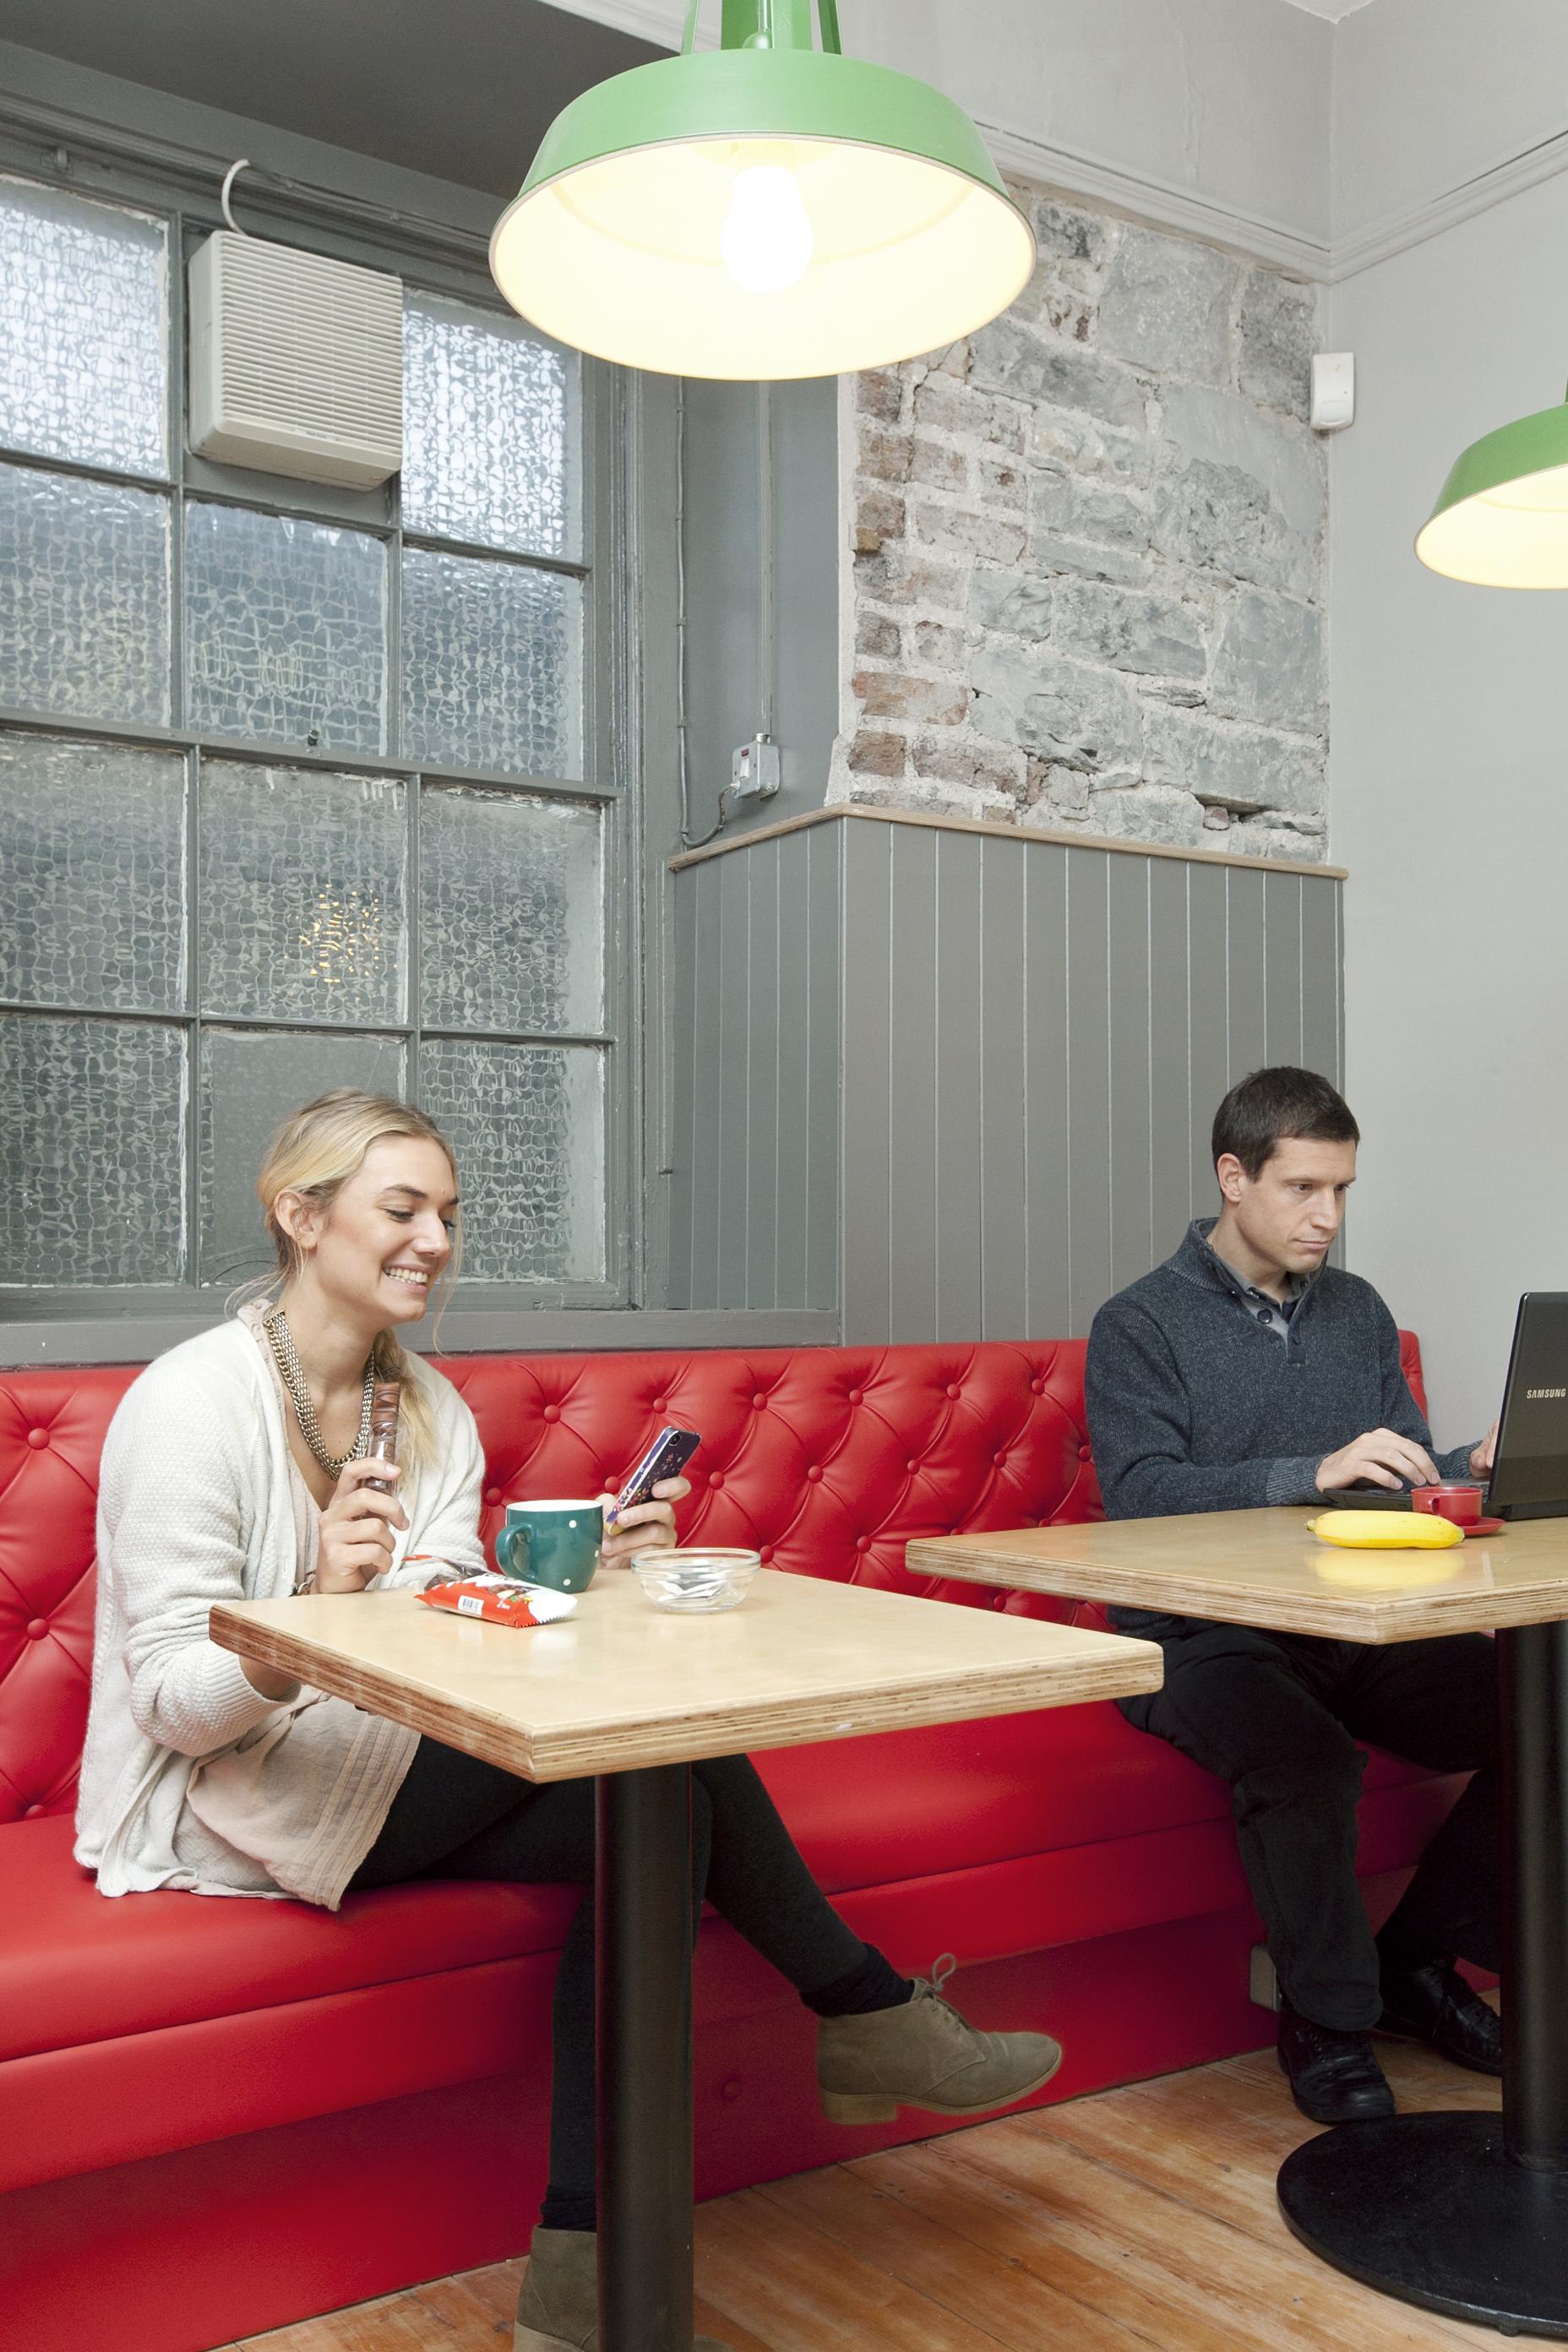 cafe close